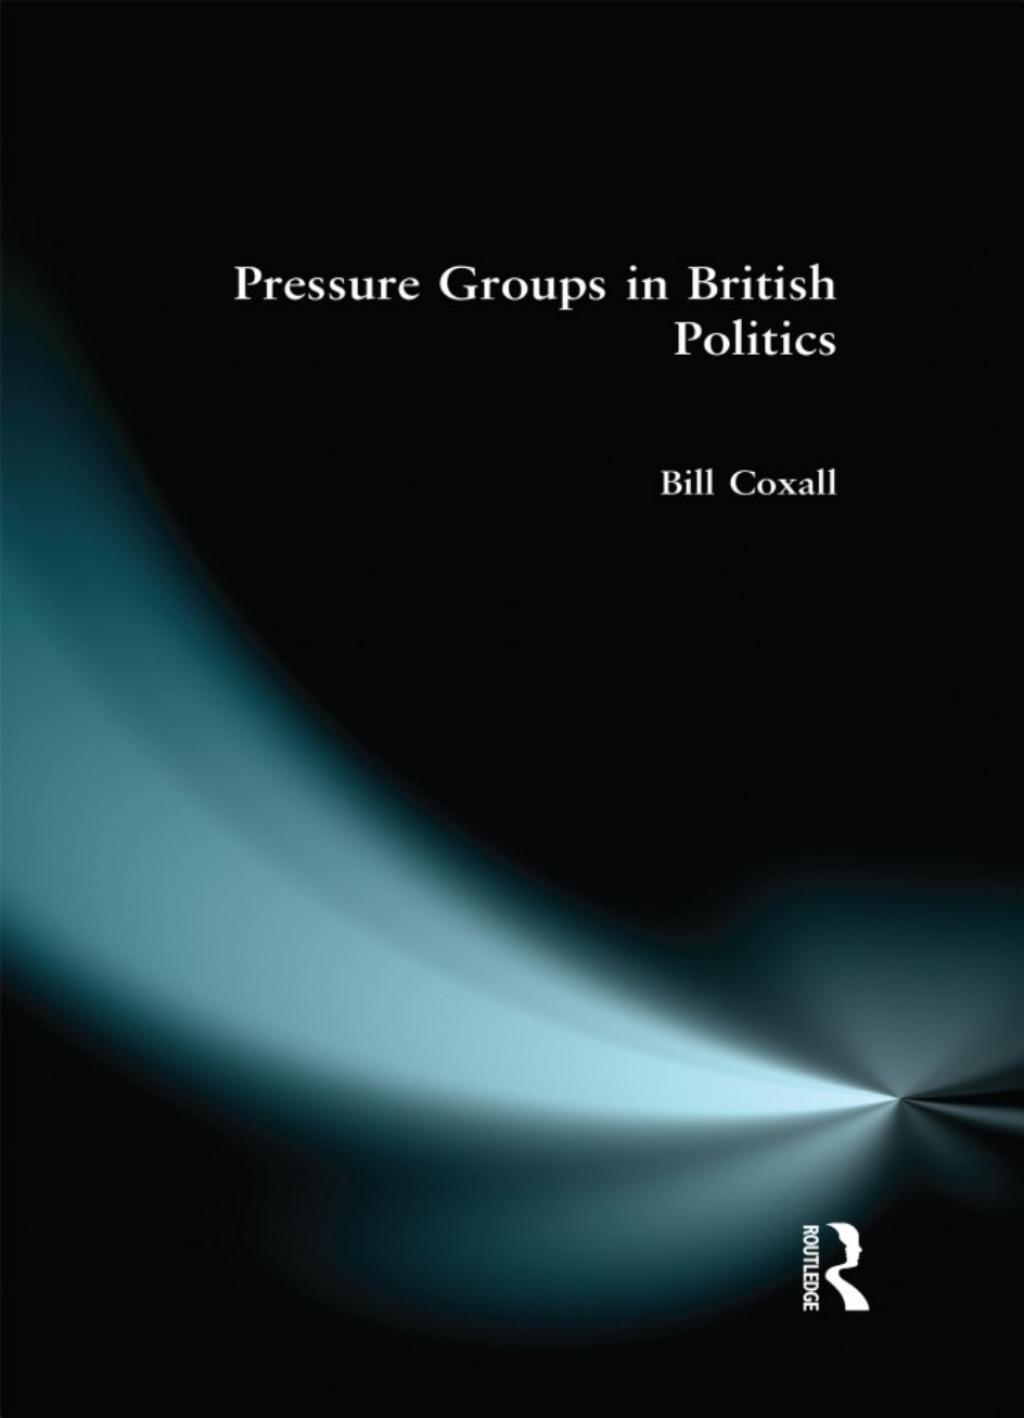 Pressure Groups in British Politics (eBook)